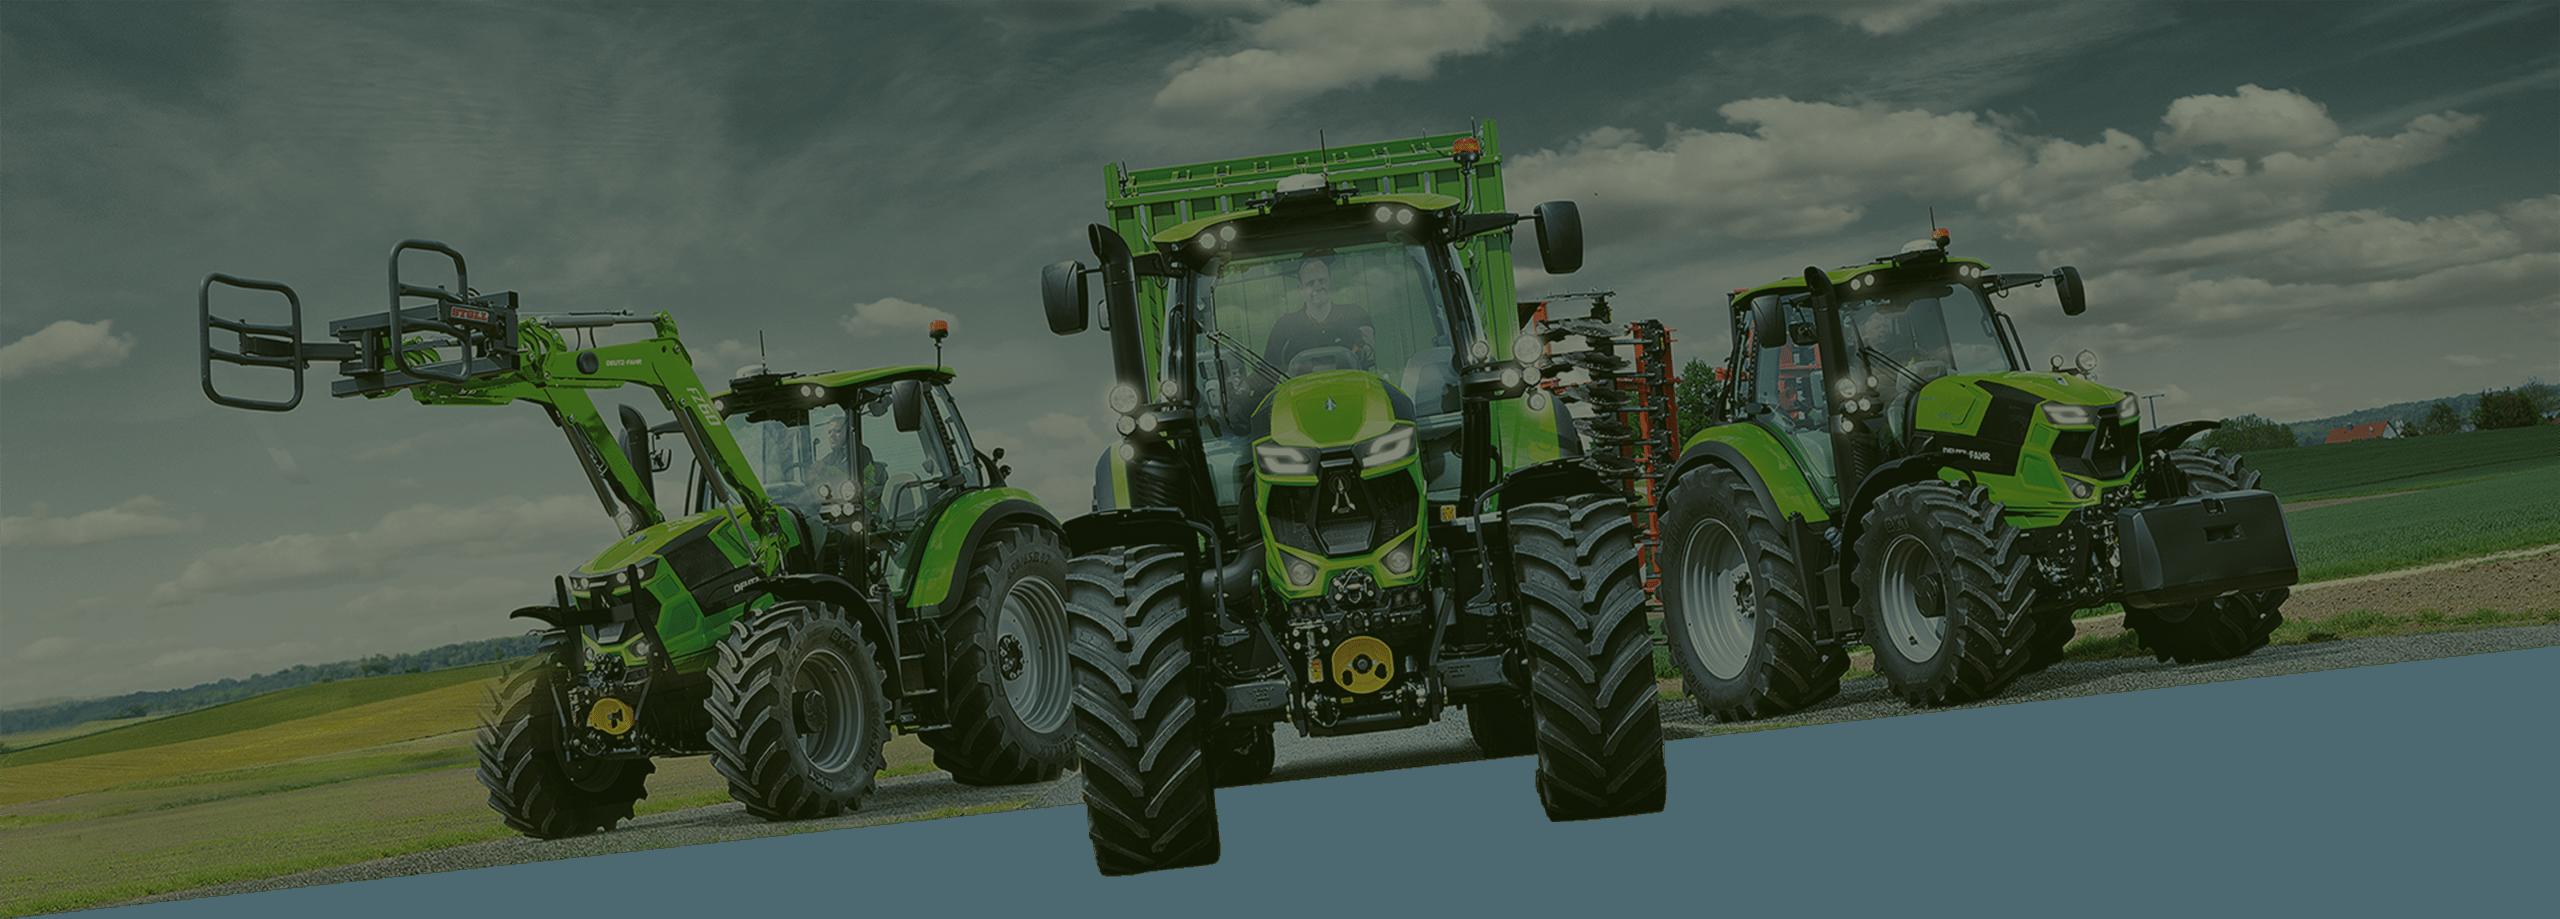 Drei verschiedene grüne Traktoren der Serie 6 mit leistungsstarken Motoren